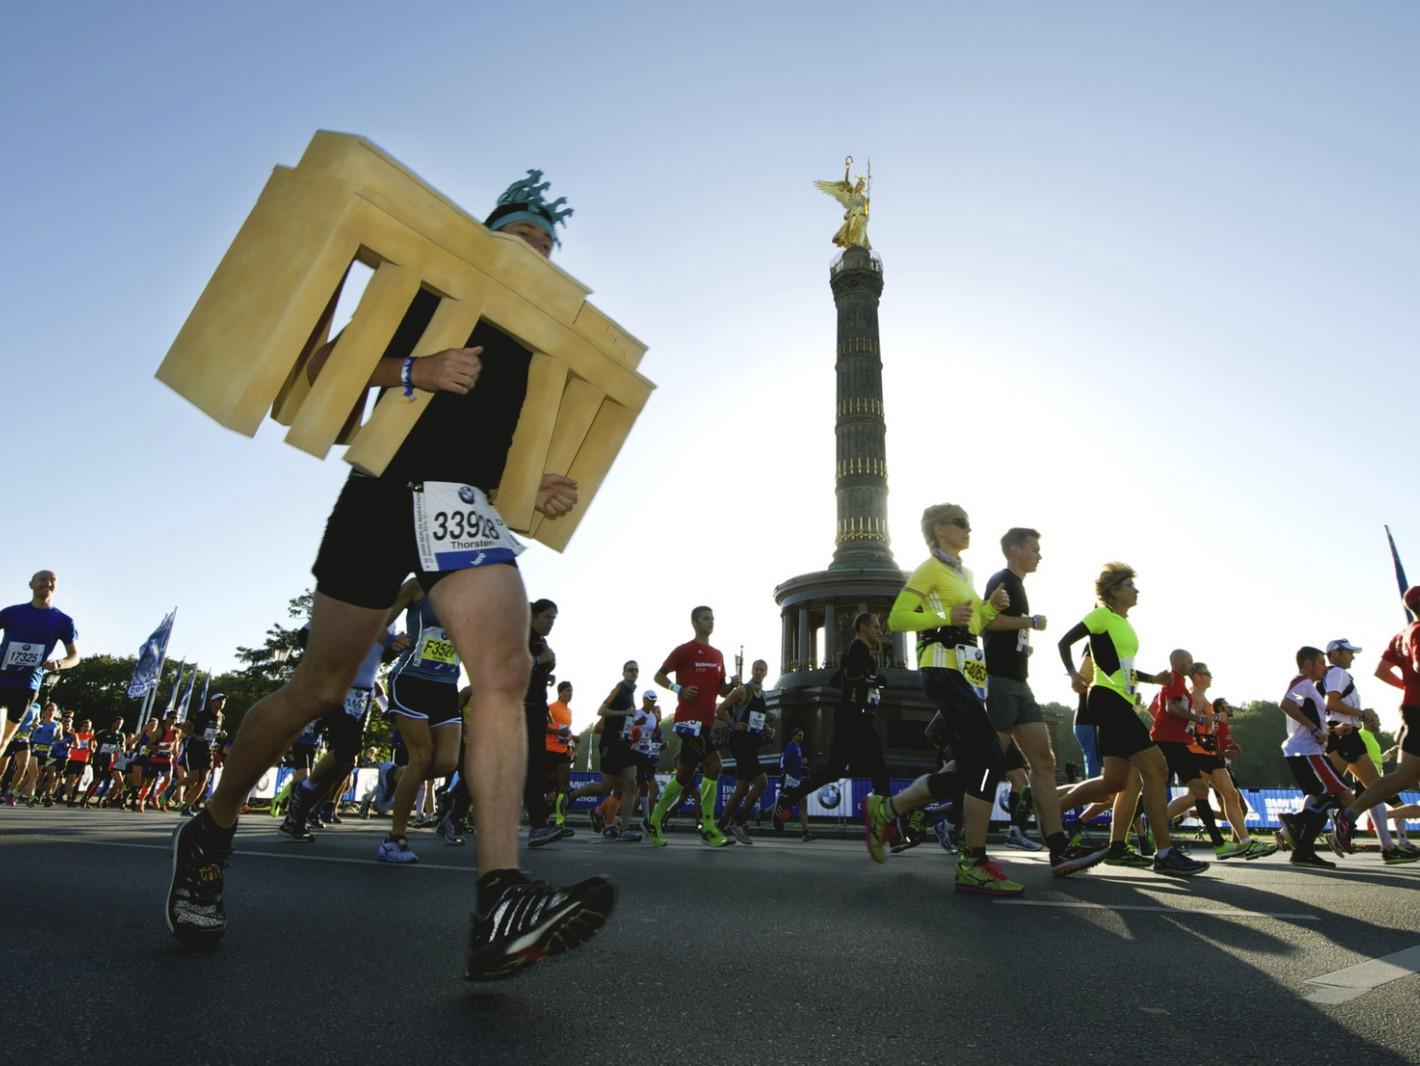 台灣精品望透過活動徵選出具有創意的跑者,邀請參賽者盡情發揮創意,透過跑馬讓世界看到臺灣!